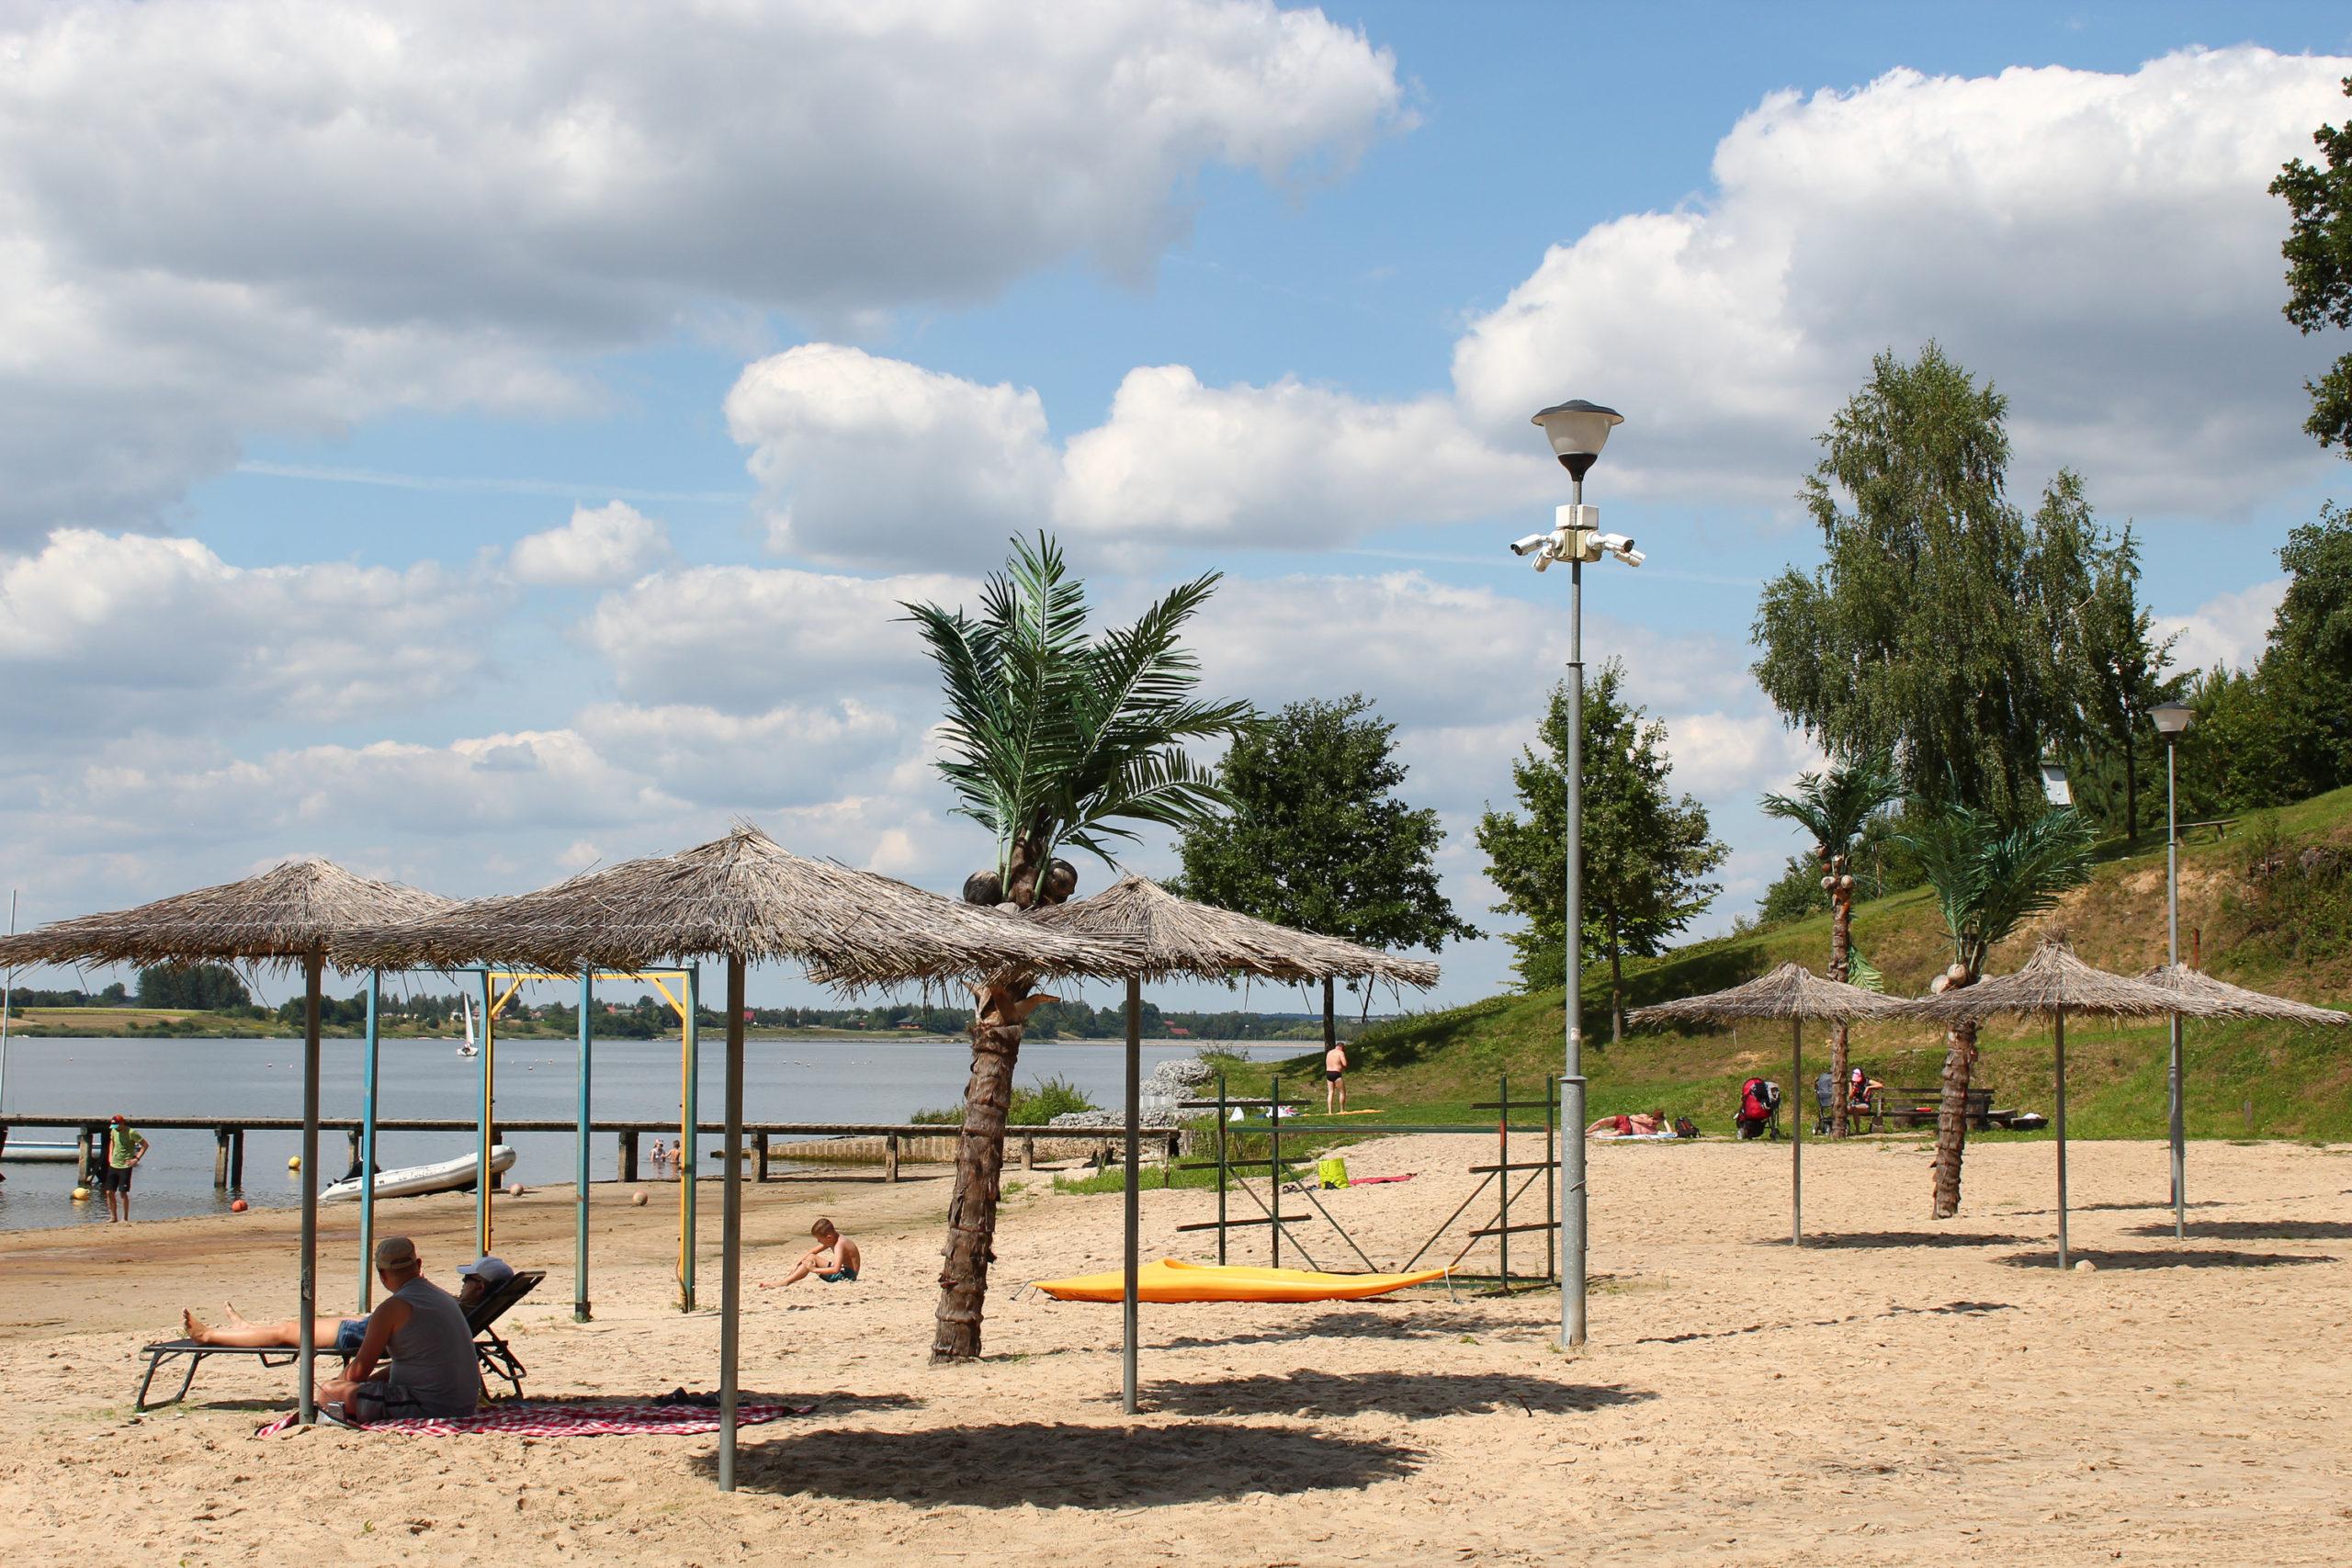 Plaża z parasolami i palmą